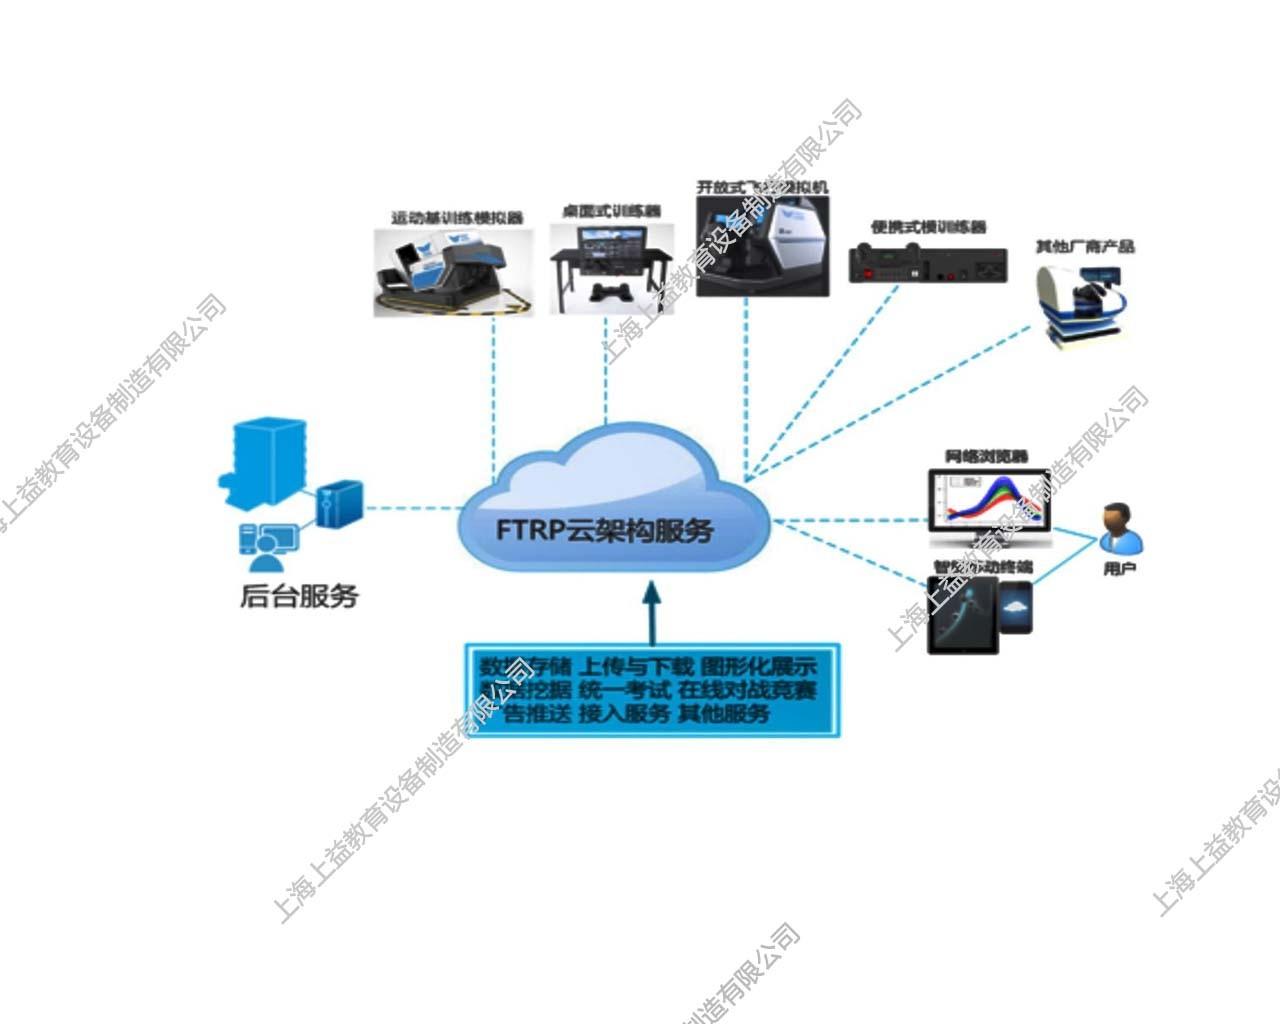 FTRP互联网运行平台